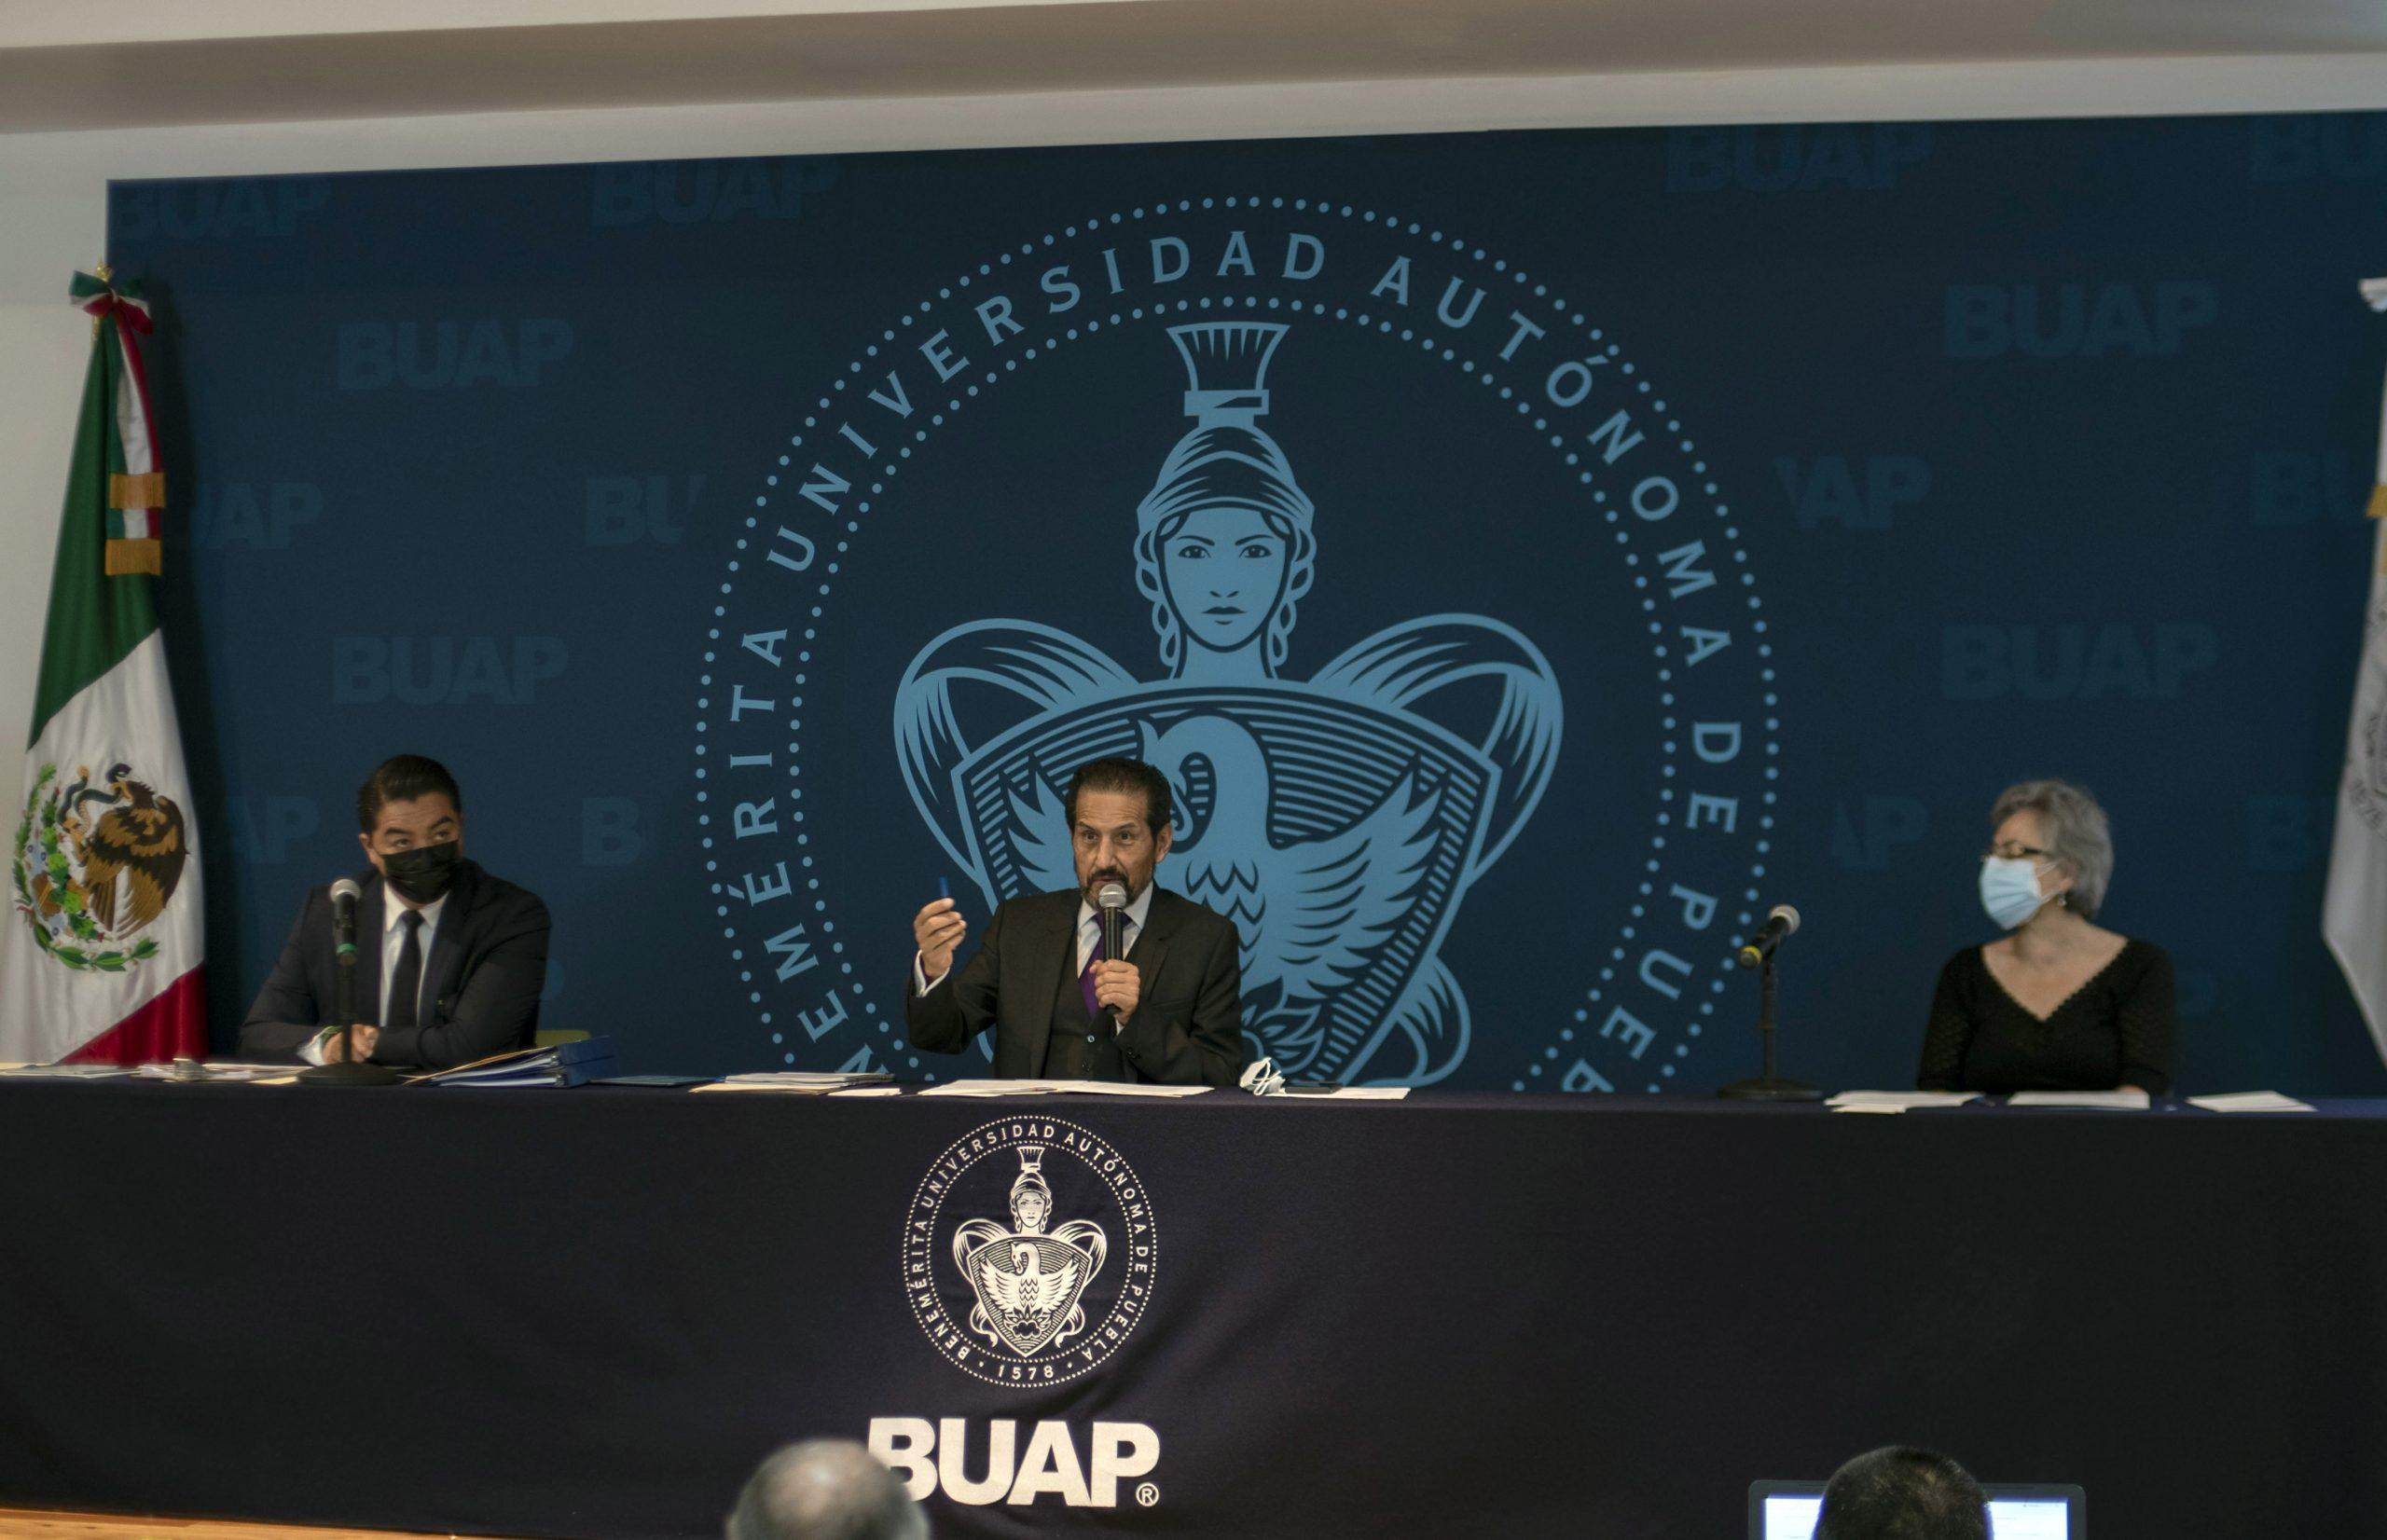 Revelan nueva trama de corrupción al interior de la BUAP